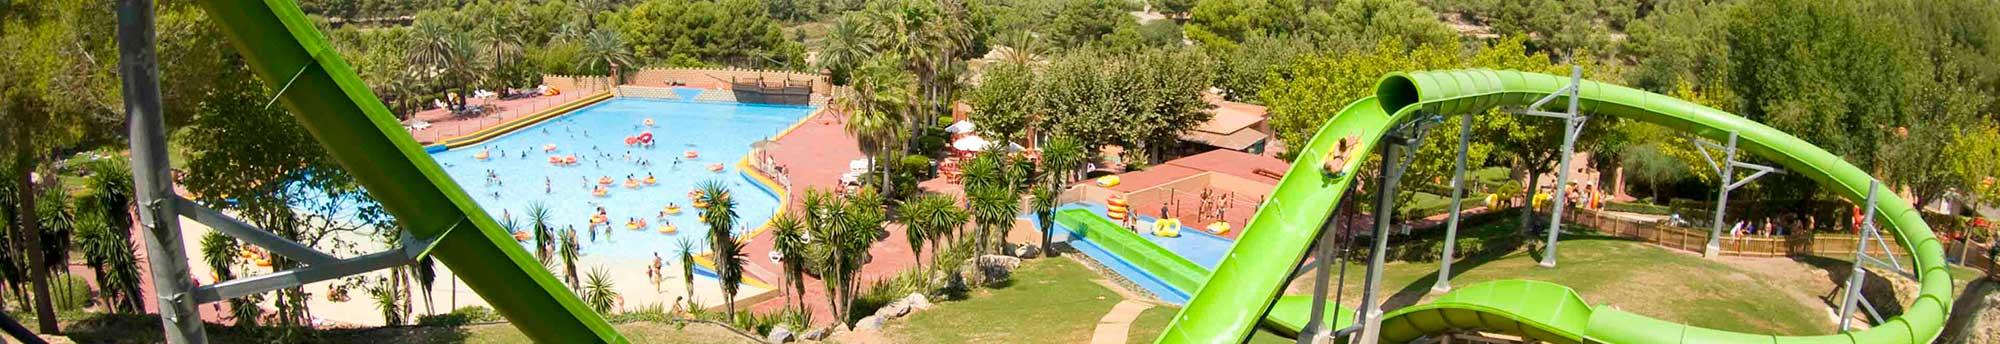 Parque Aqualeón